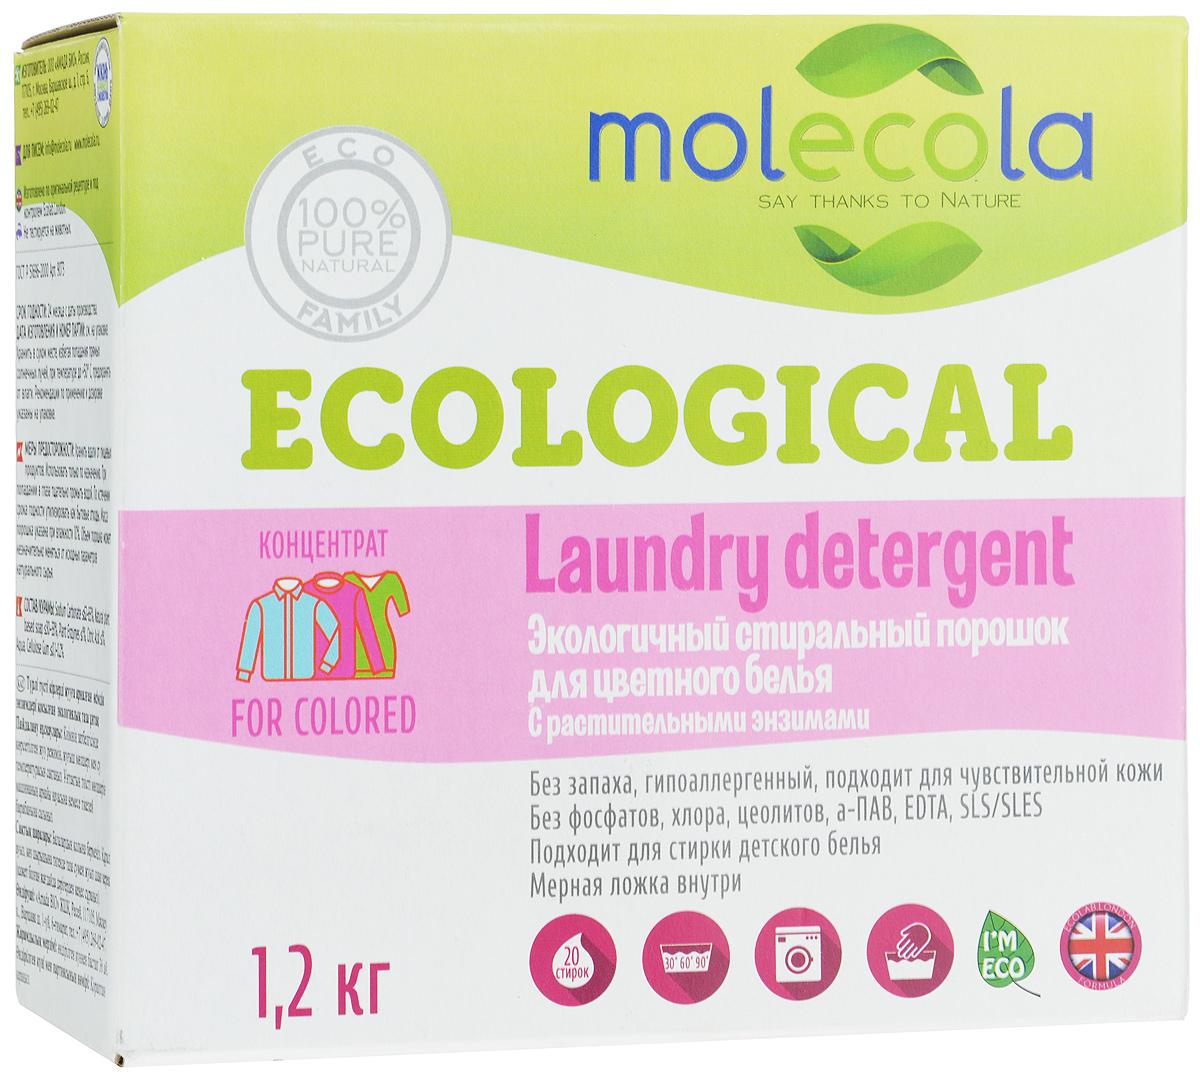 Стиральный порошок Molecola, для цветного белья, с растительными энзимами, 1,2 кг9073Стиральный порошок Molecola эффективно удаляет загрязнения, не повреждая волокна ткани, сохраняет насыщенный цвет и первоначальный внешний вид одежды и белья, обеспечивает защиту от изнашивания.Высокая концентрация натурального мыла обеспечивает эффективную стирку и экономию средства.Рекомендован для стирки детского белья с первых дней жизни и одежды беременных и кормящих женщин, а так же людей, имеющих аллергическую реакцию на средства бытовой химии. Стиральный порошок Molecola защищает стиральную машину от накипи, не наносит вреда окружающей среде, полностью биоразлагаем. Не содержит оптического отбеливателя, фосфатов, хлора, цеолитов, а-ПАВ, EDTA, SLS/SLES, искусственных красителей и синтетических ароматизаторов.В коробке находится мерная ложка.Подходит для стиральных машин любого типа и ручной стирки.Предназначен для стирки хлопчатобумажных, льняных тканей, изделий из вискозы и искусственных волокон.Рекомендуемая температура стирки не менее +30°С.Состав: Sodium carbonate <=62-65%, Natural plant based soap =<30-33%, Plant Enzymes <=1%, Citric Acid <=1%, Aqua, Celluolose Gum <=0,1-02%.